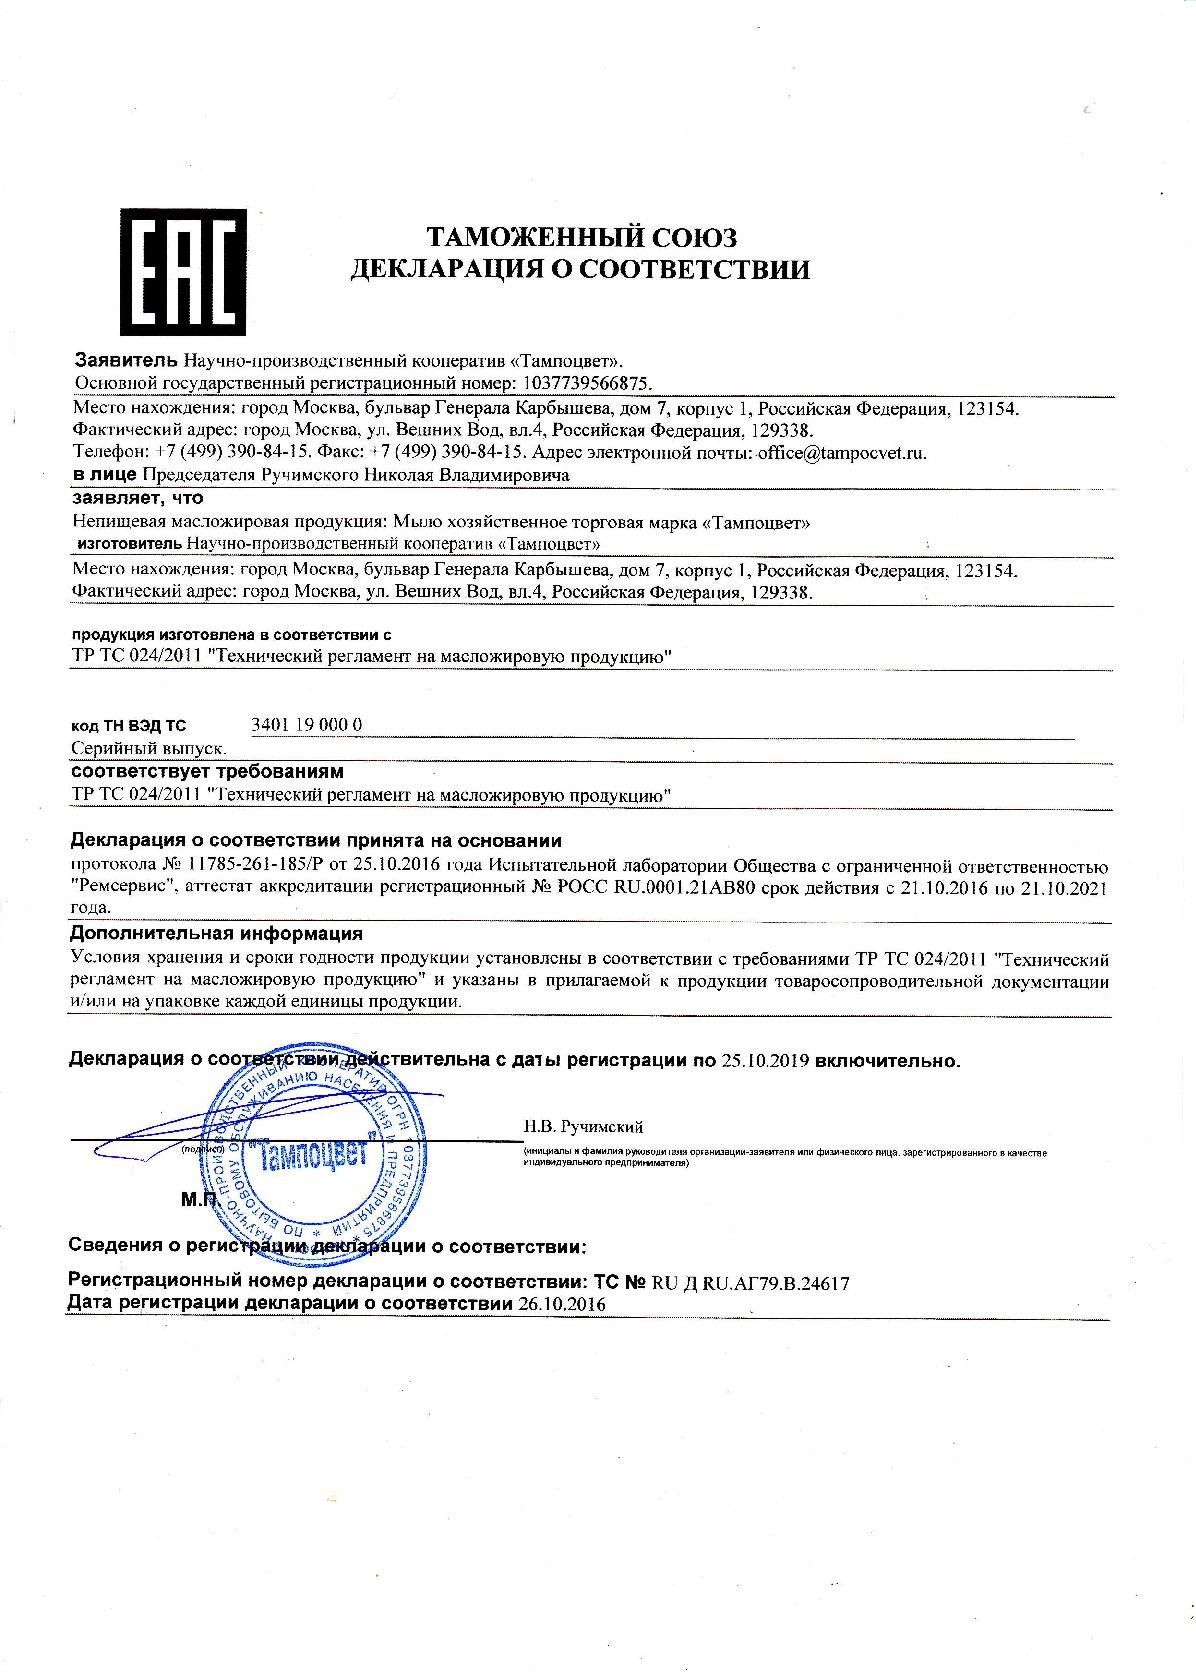 сертификат соответствия на мыло хозяйственное